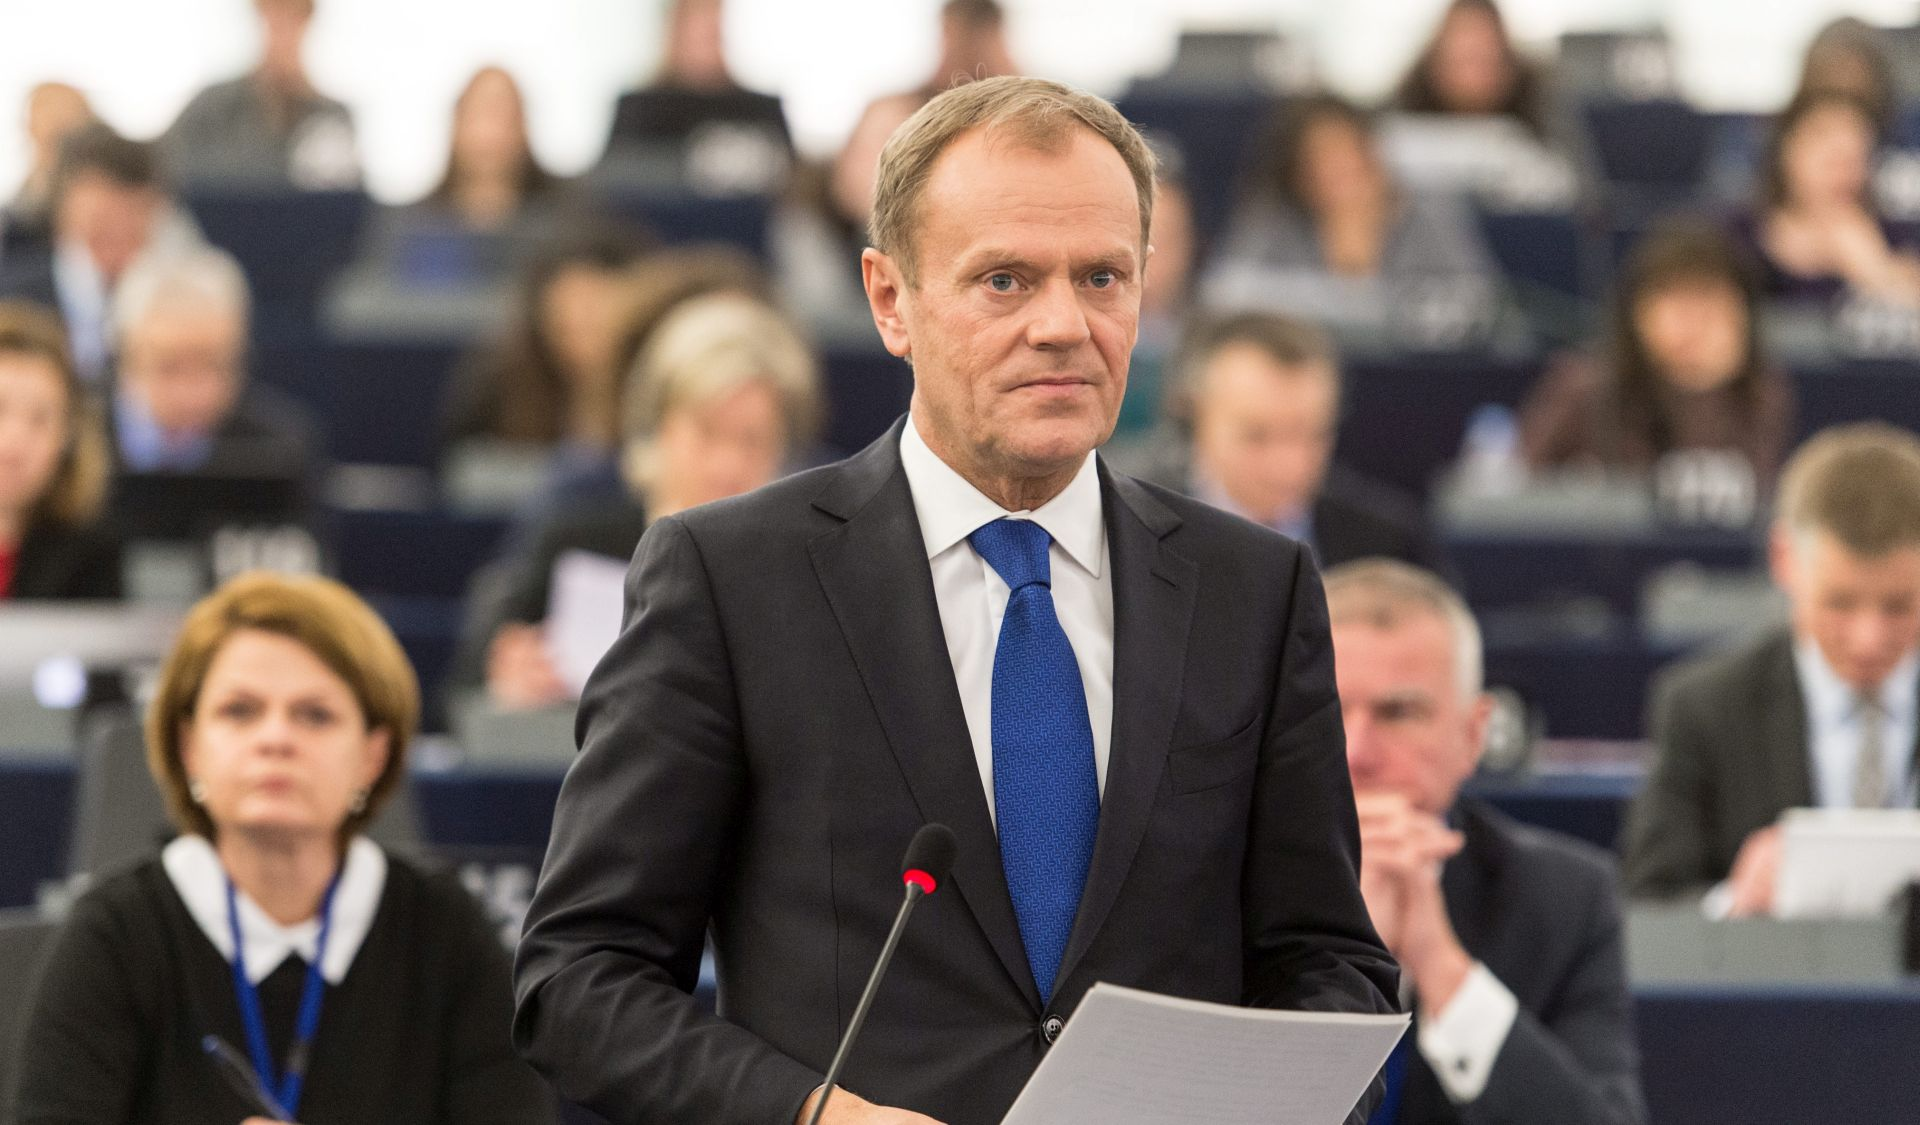 O MIGRANTSKOJ KRIZI: Tusk organizira sastanak o na kojem će biti i hrvatski premijer